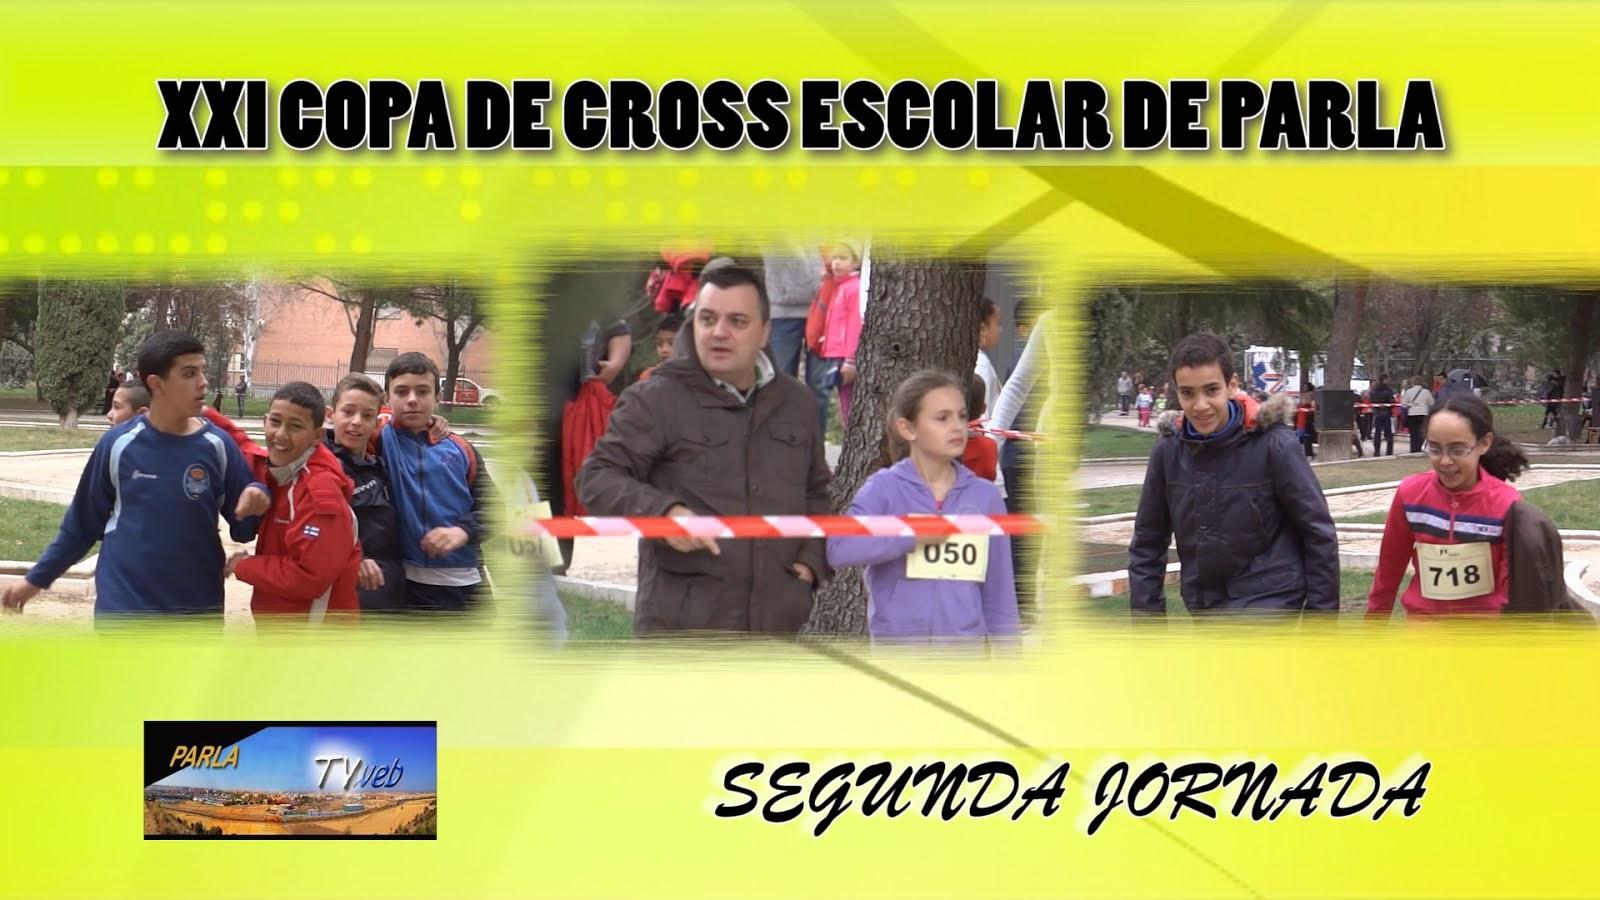 XXI COPA DE CROSS ESCOLAR EN PARLA